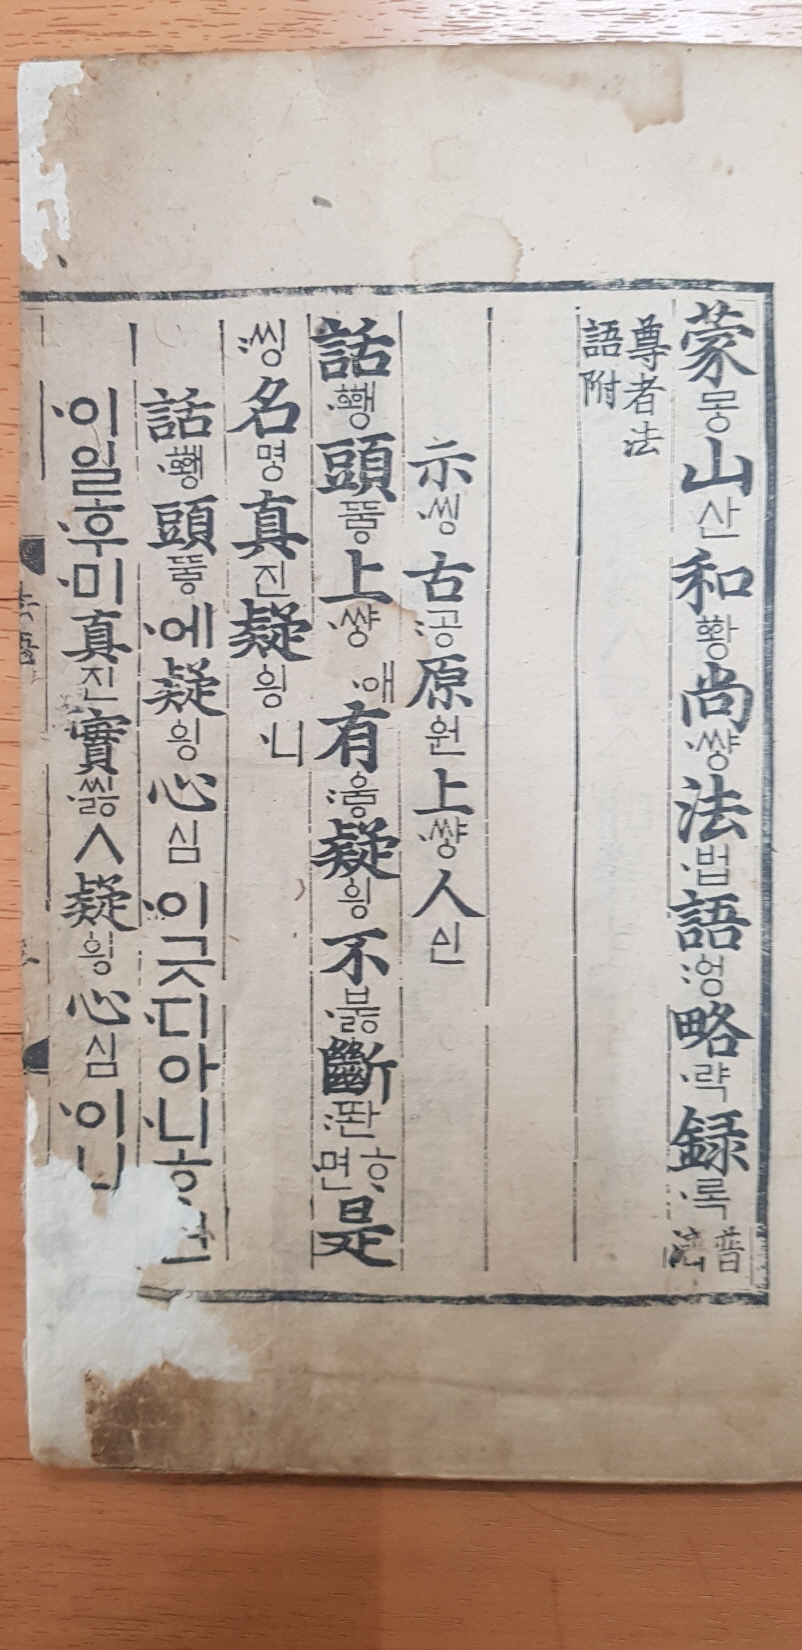 몽산화상법어약록(언해)(蒙山和尙法語略錄(諺解)) 보물 1012호